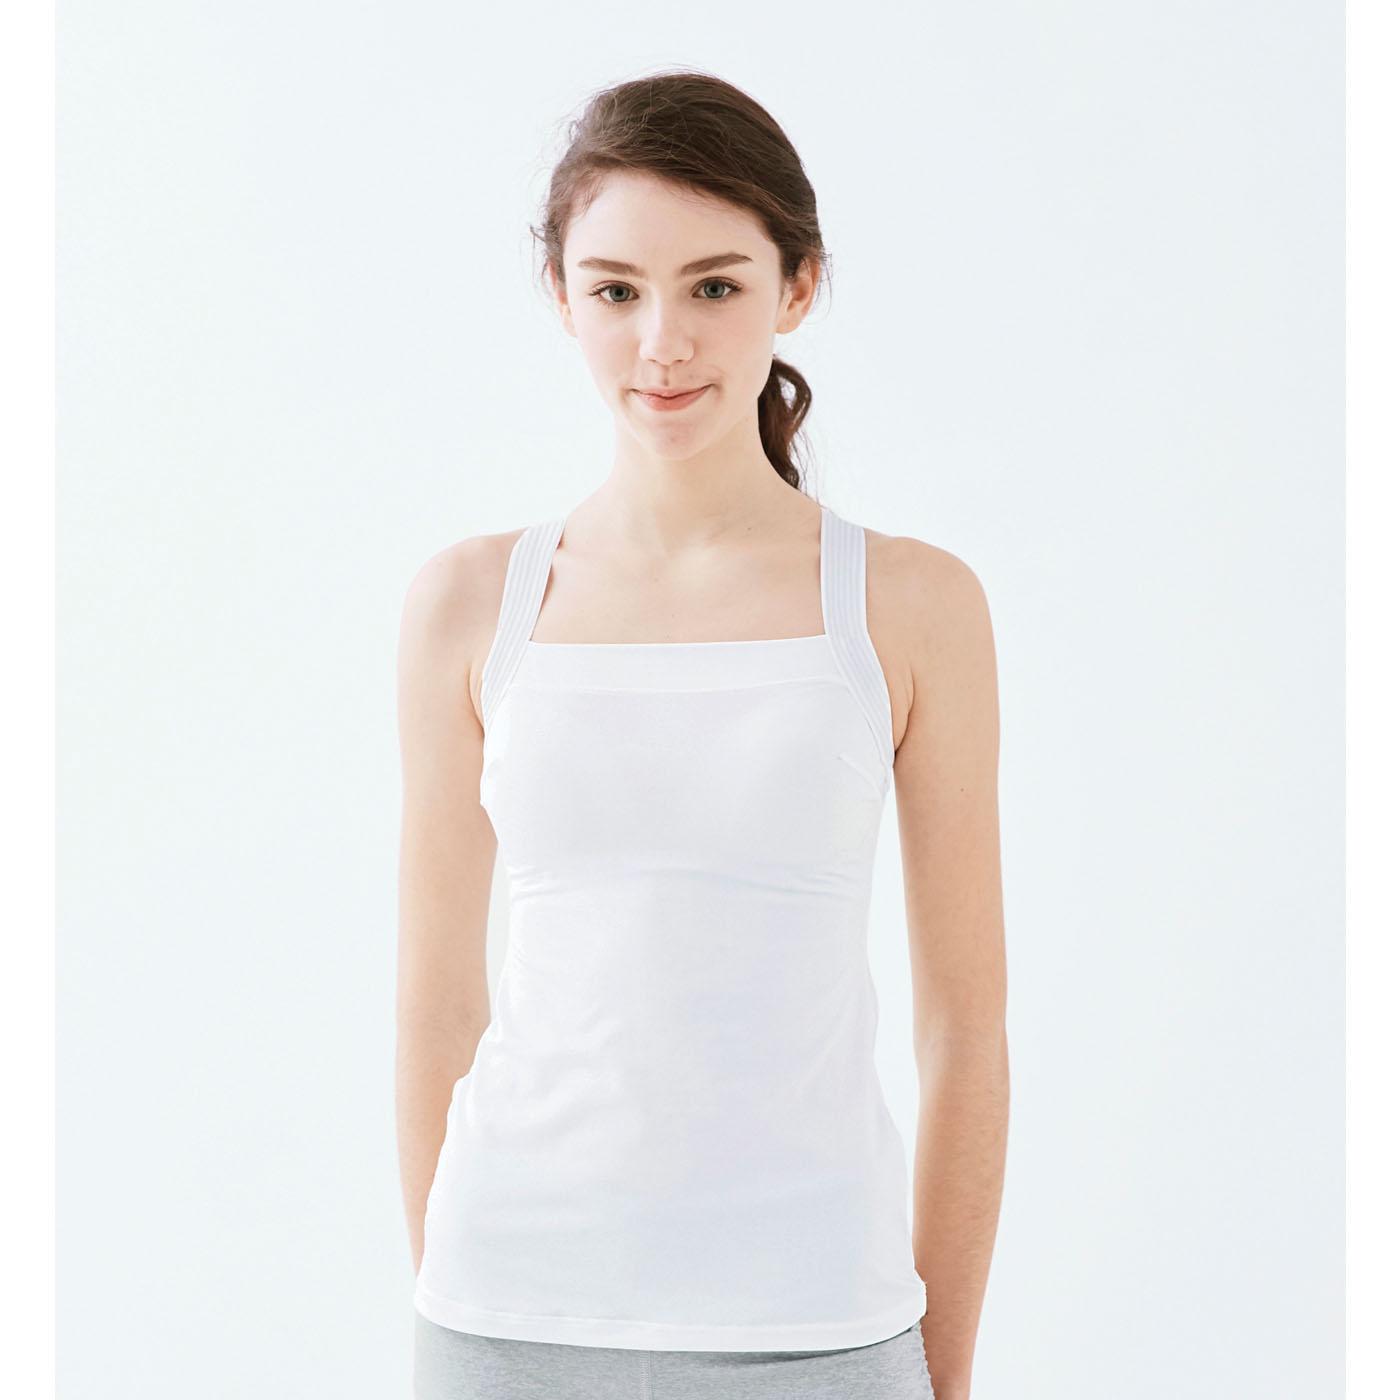 薄着にも安心の白。制服を着る看護師さんや学生さんにもオススメ。